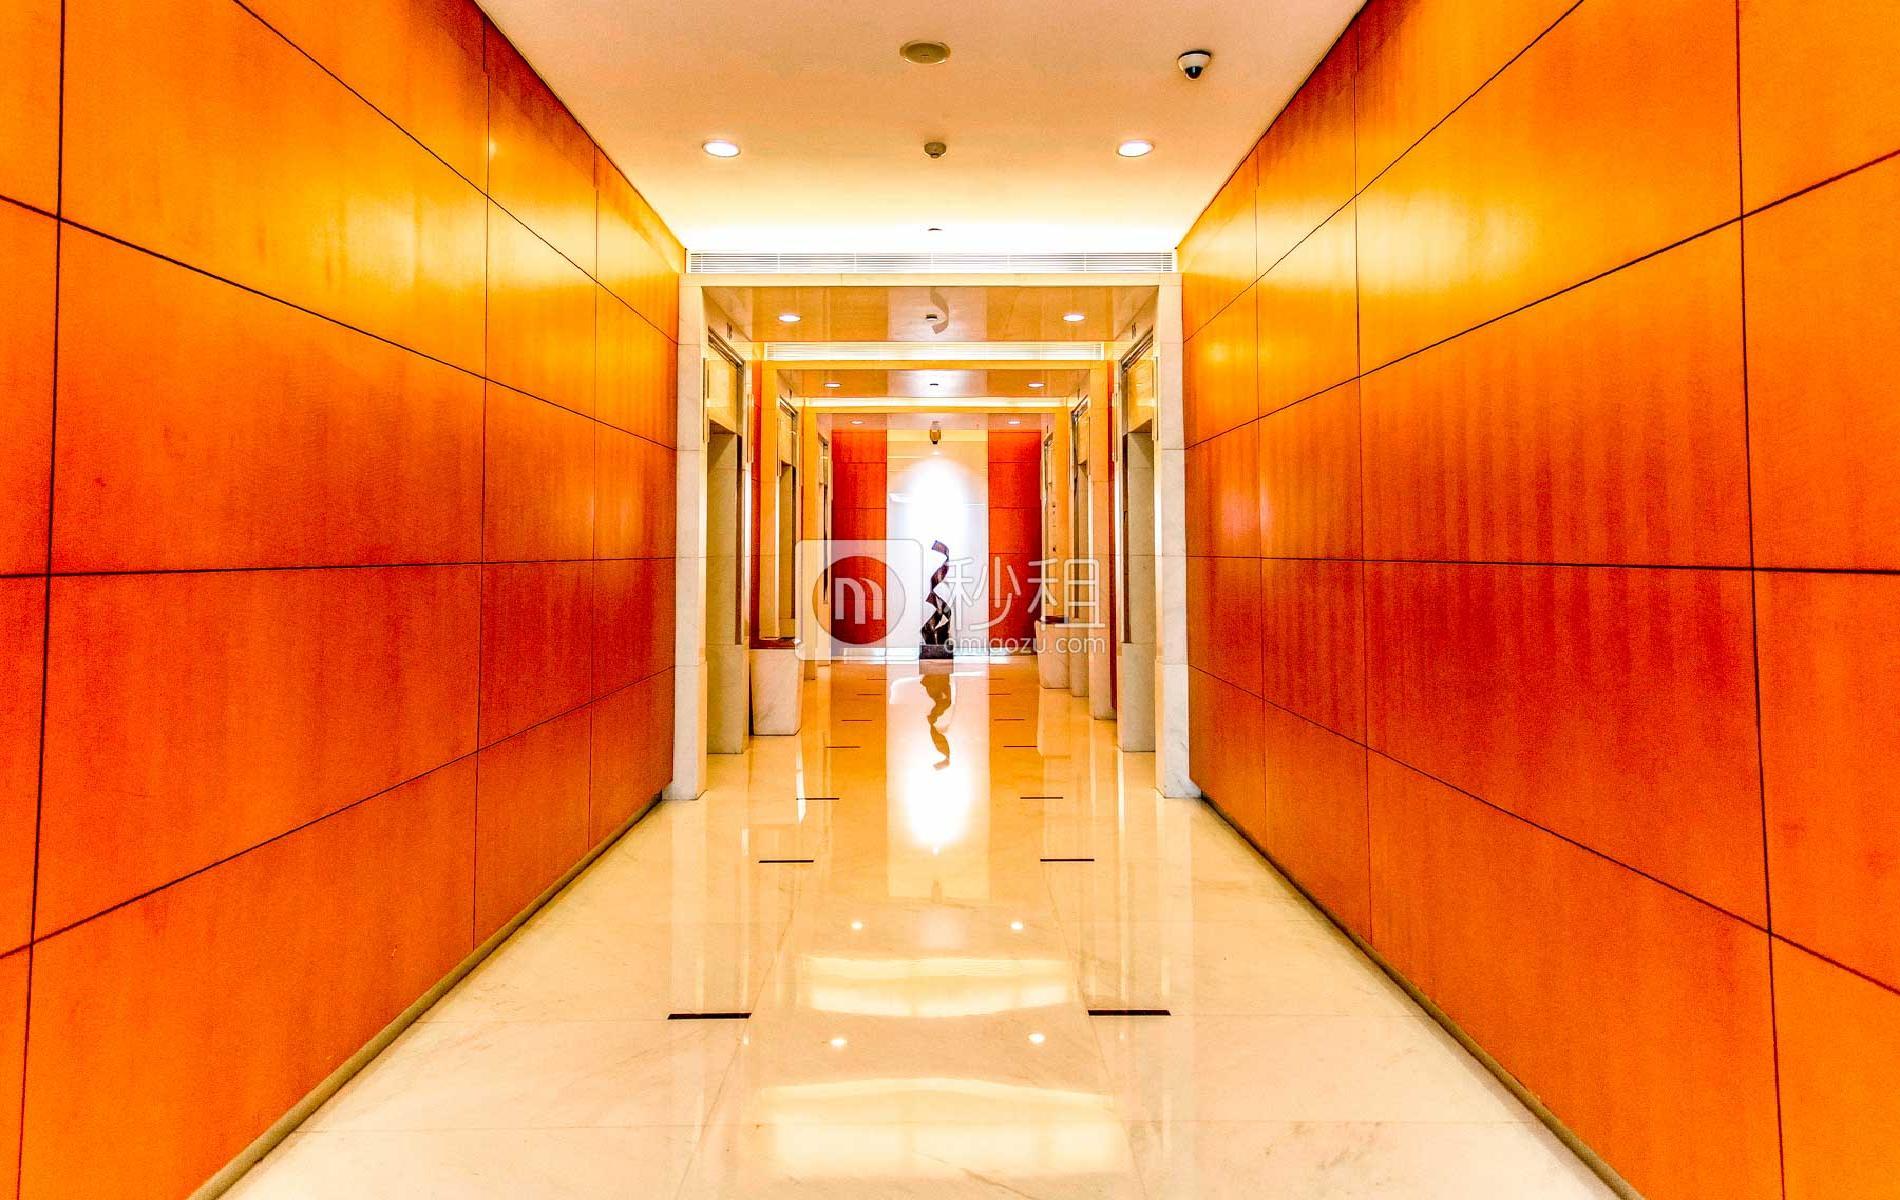 欧美中心EAC写字楼出租/招租/租赁,欧美中心EAC办公室出租/招租/租赁